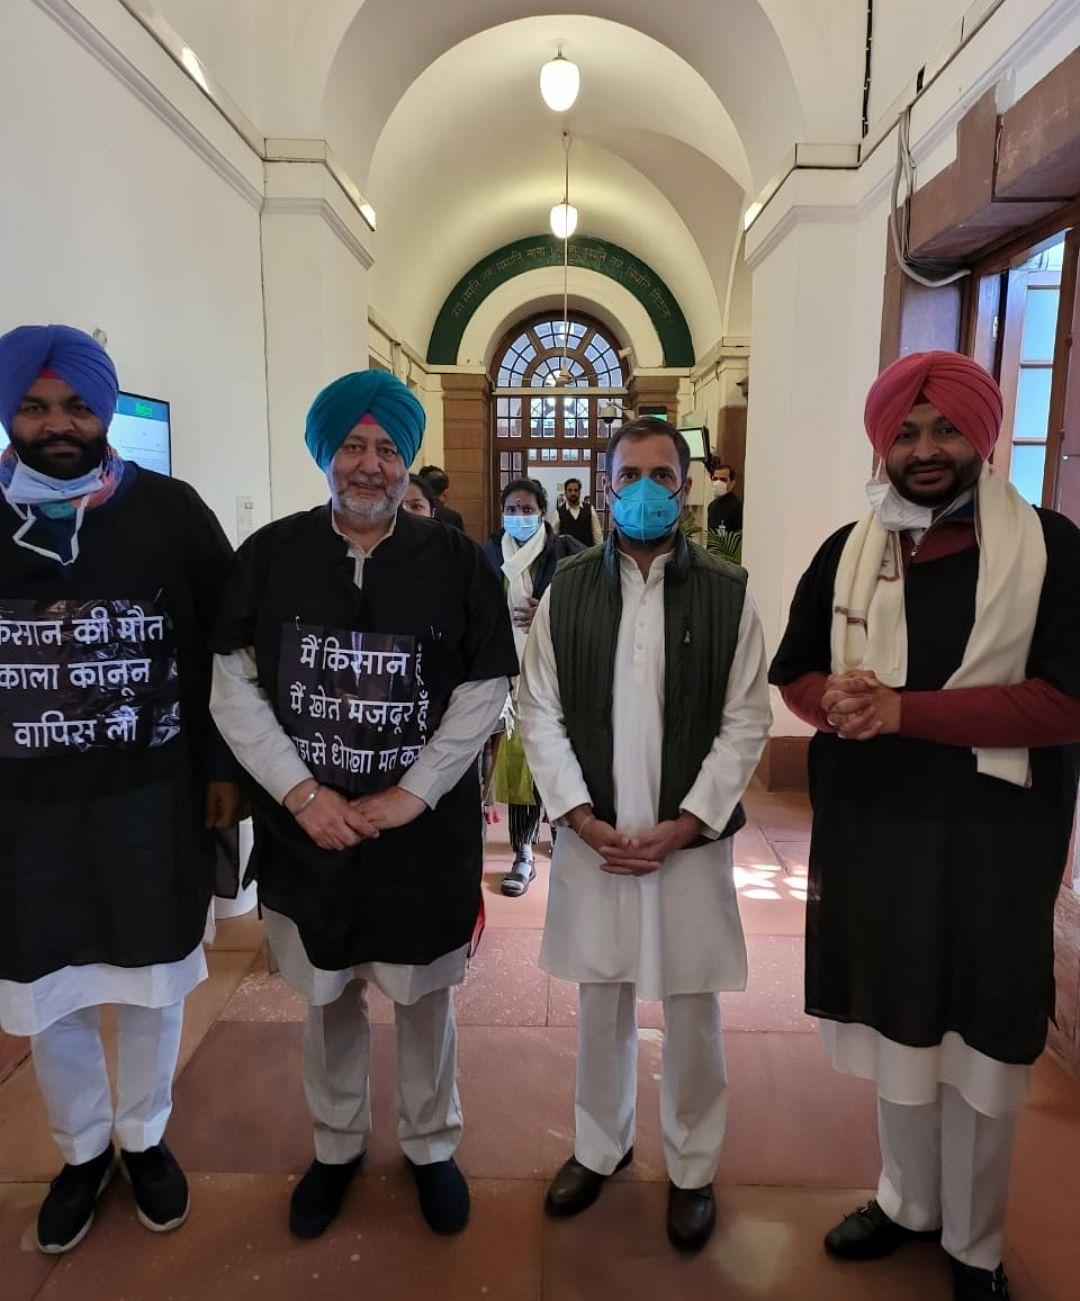 कांग्रेस सांसदों ने बजट भाषण के दौरान पहना काला गाउन, कृषि कानूनों का जताया विरोध